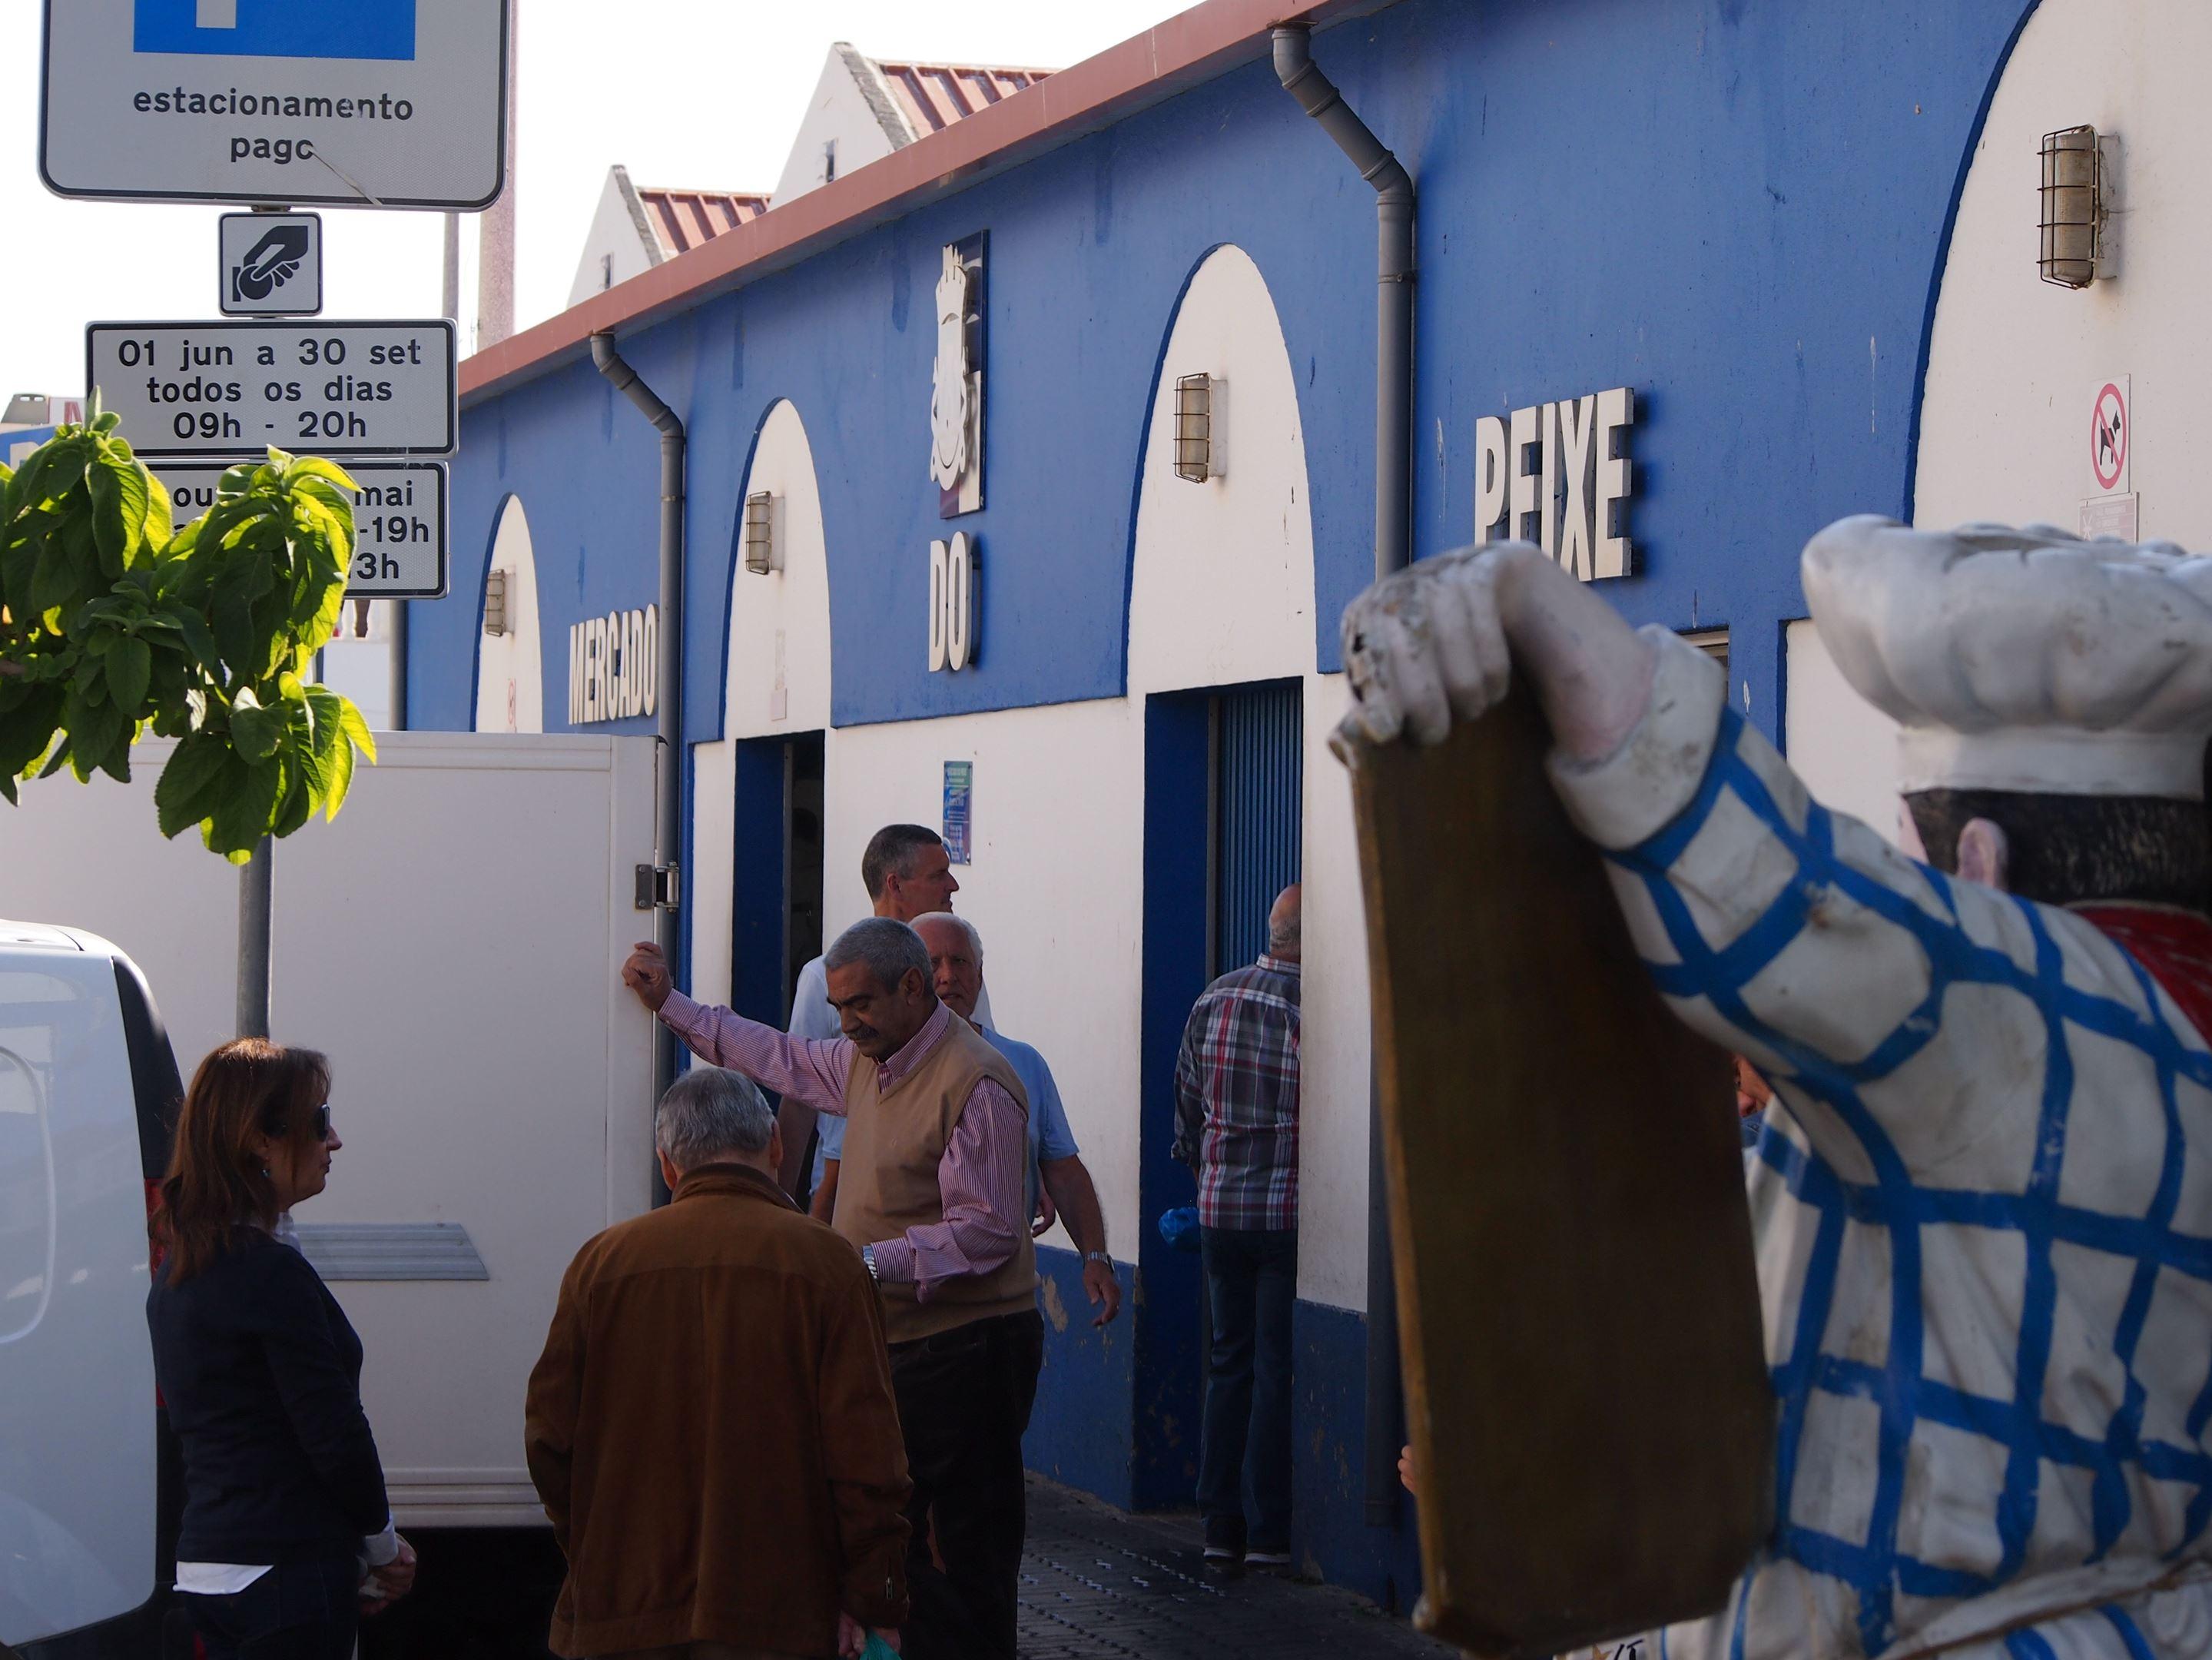 Mercado do Peixe - Quateira Fish Market, Algarve